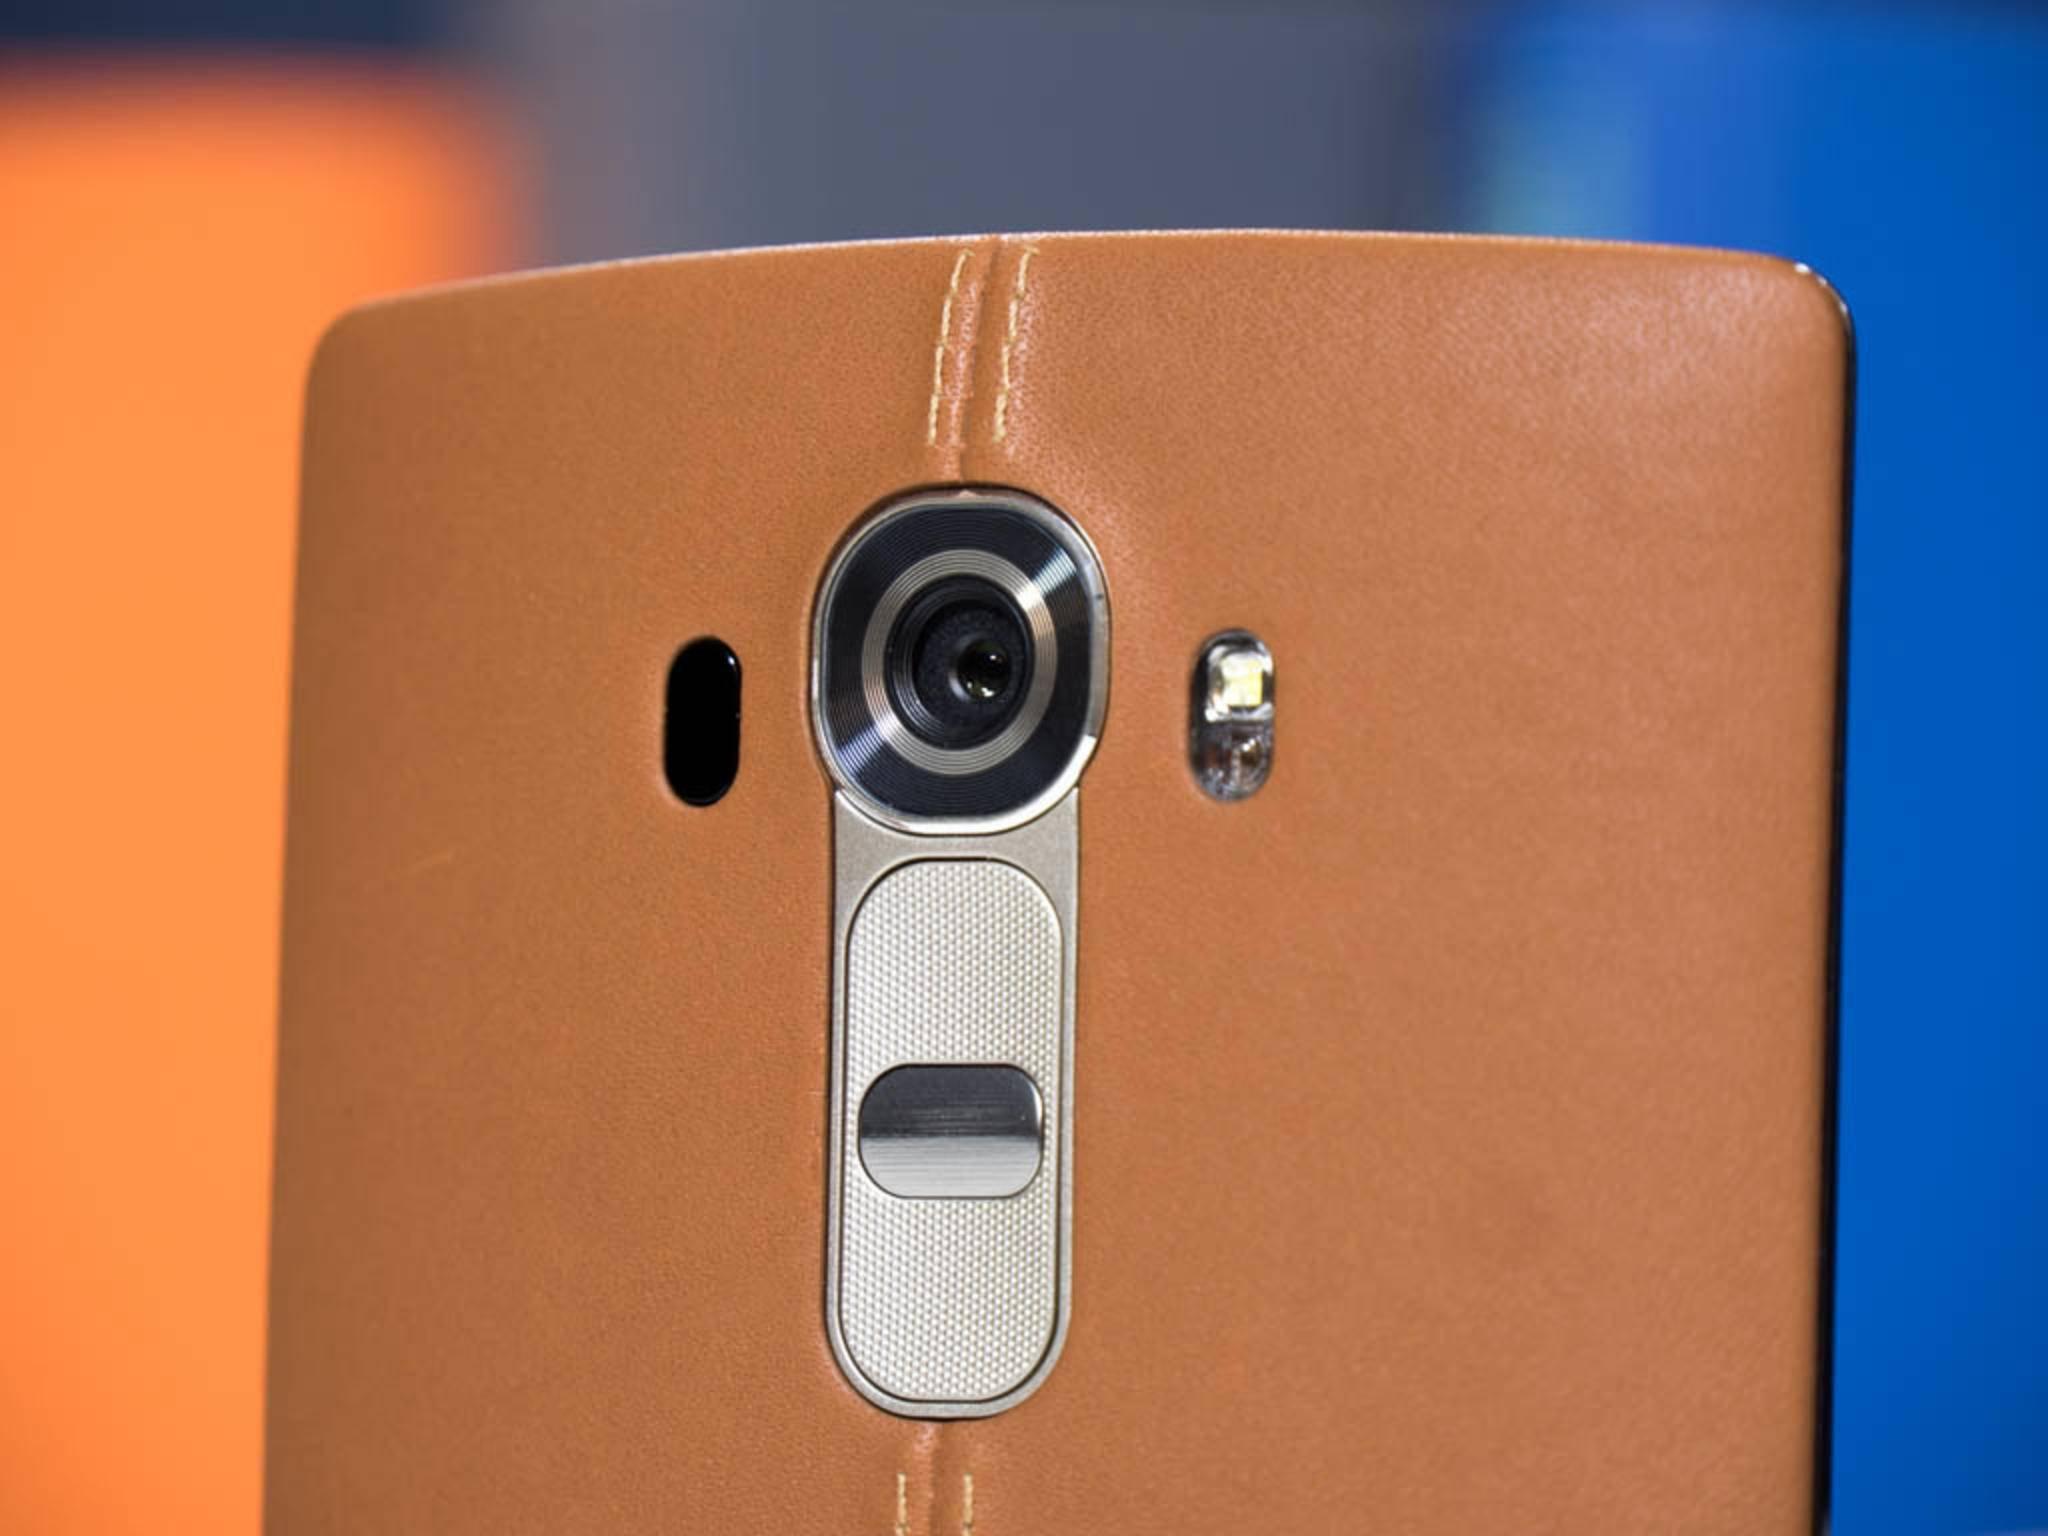 Der LG G4-Nachfolger soll auch Zubehör für die Kamera bekommen.